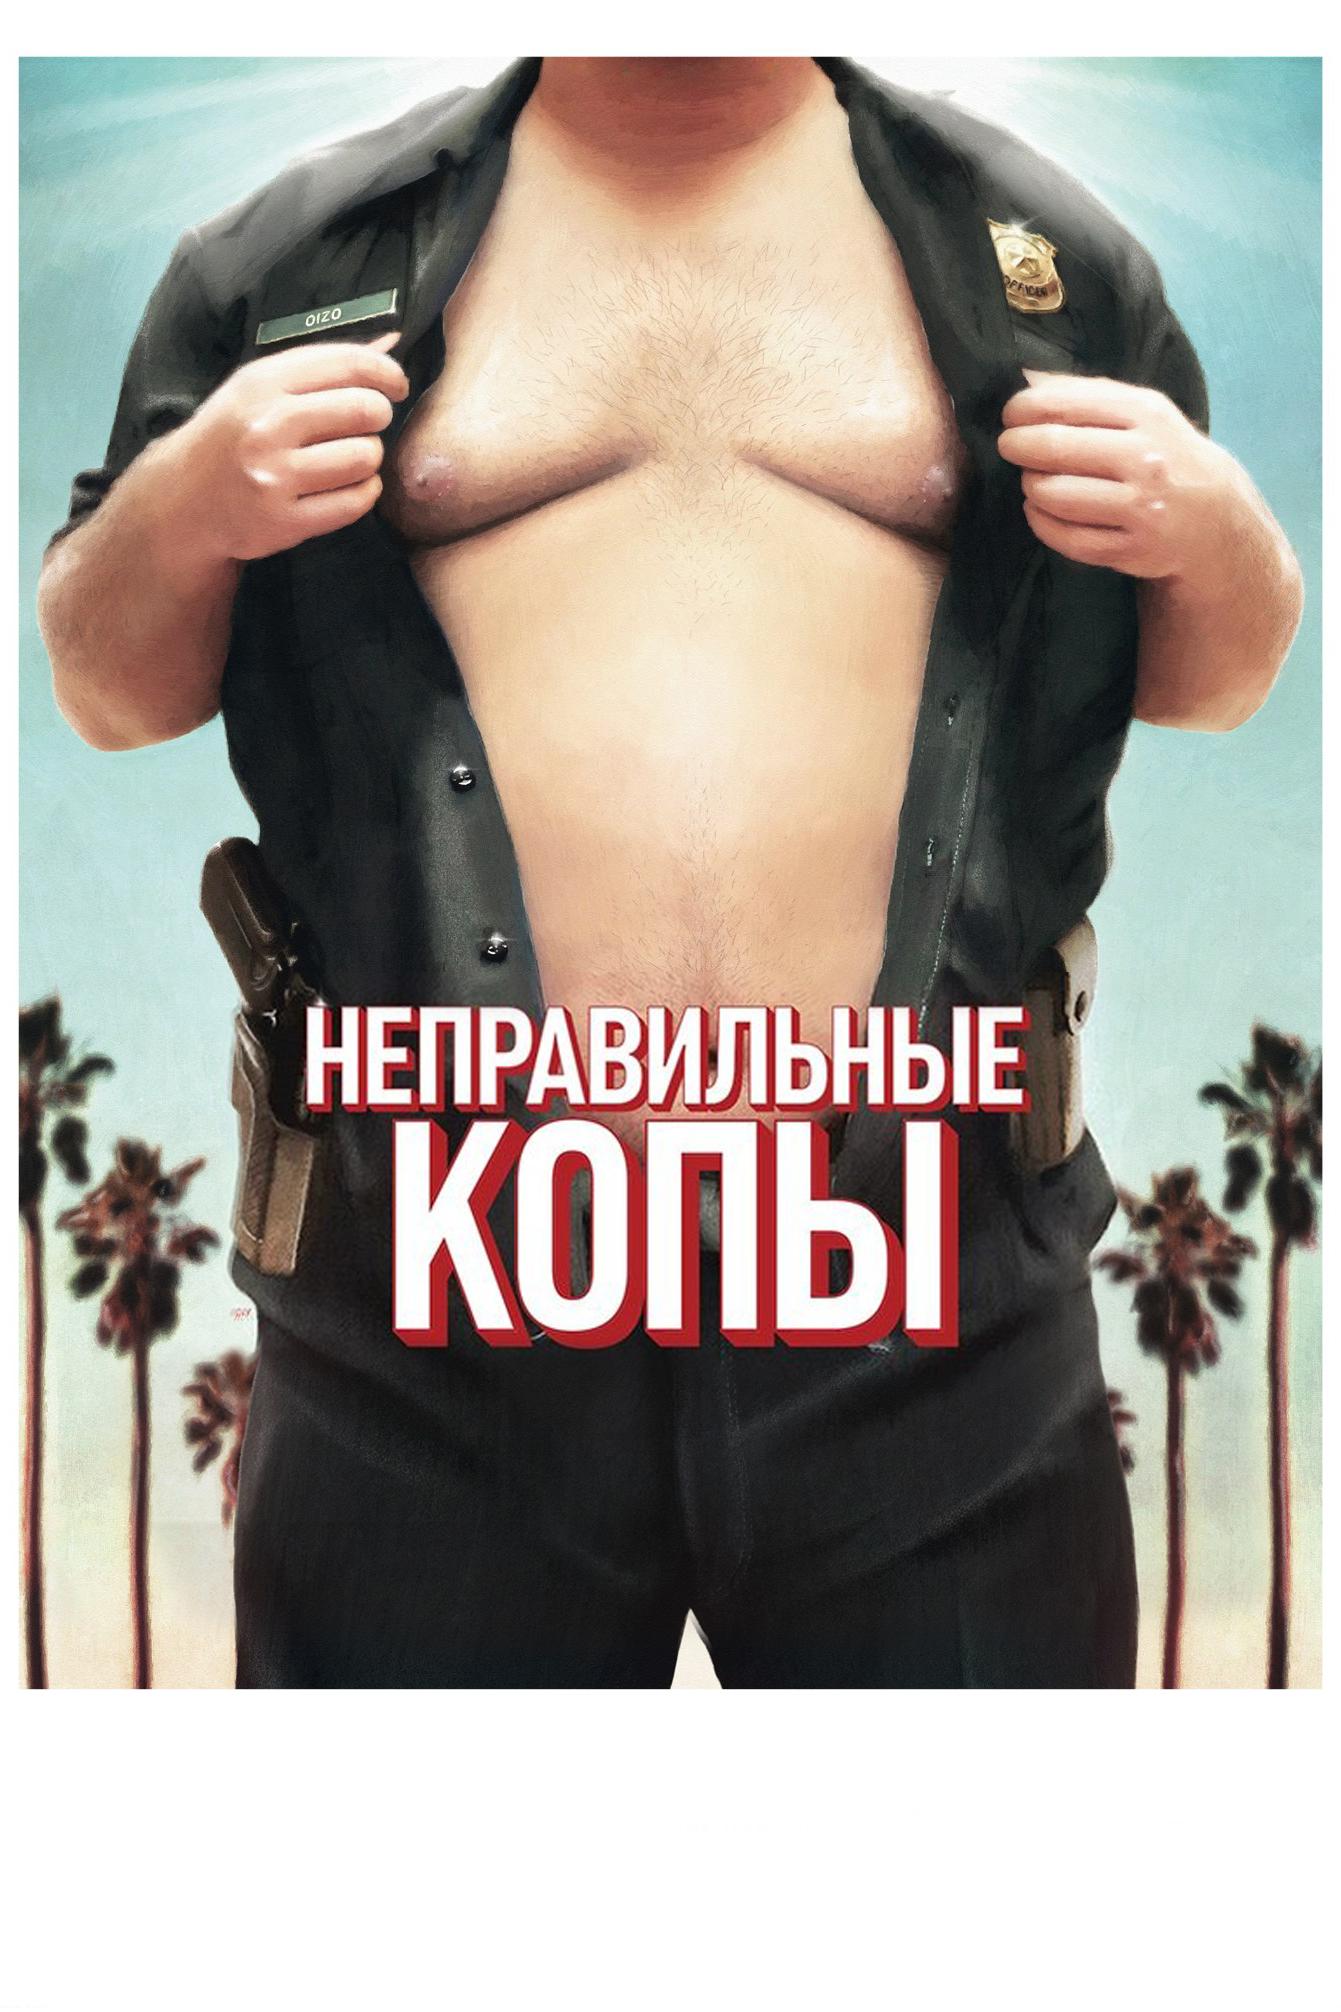 Смотреть онлайн секс русских подростков в туалете